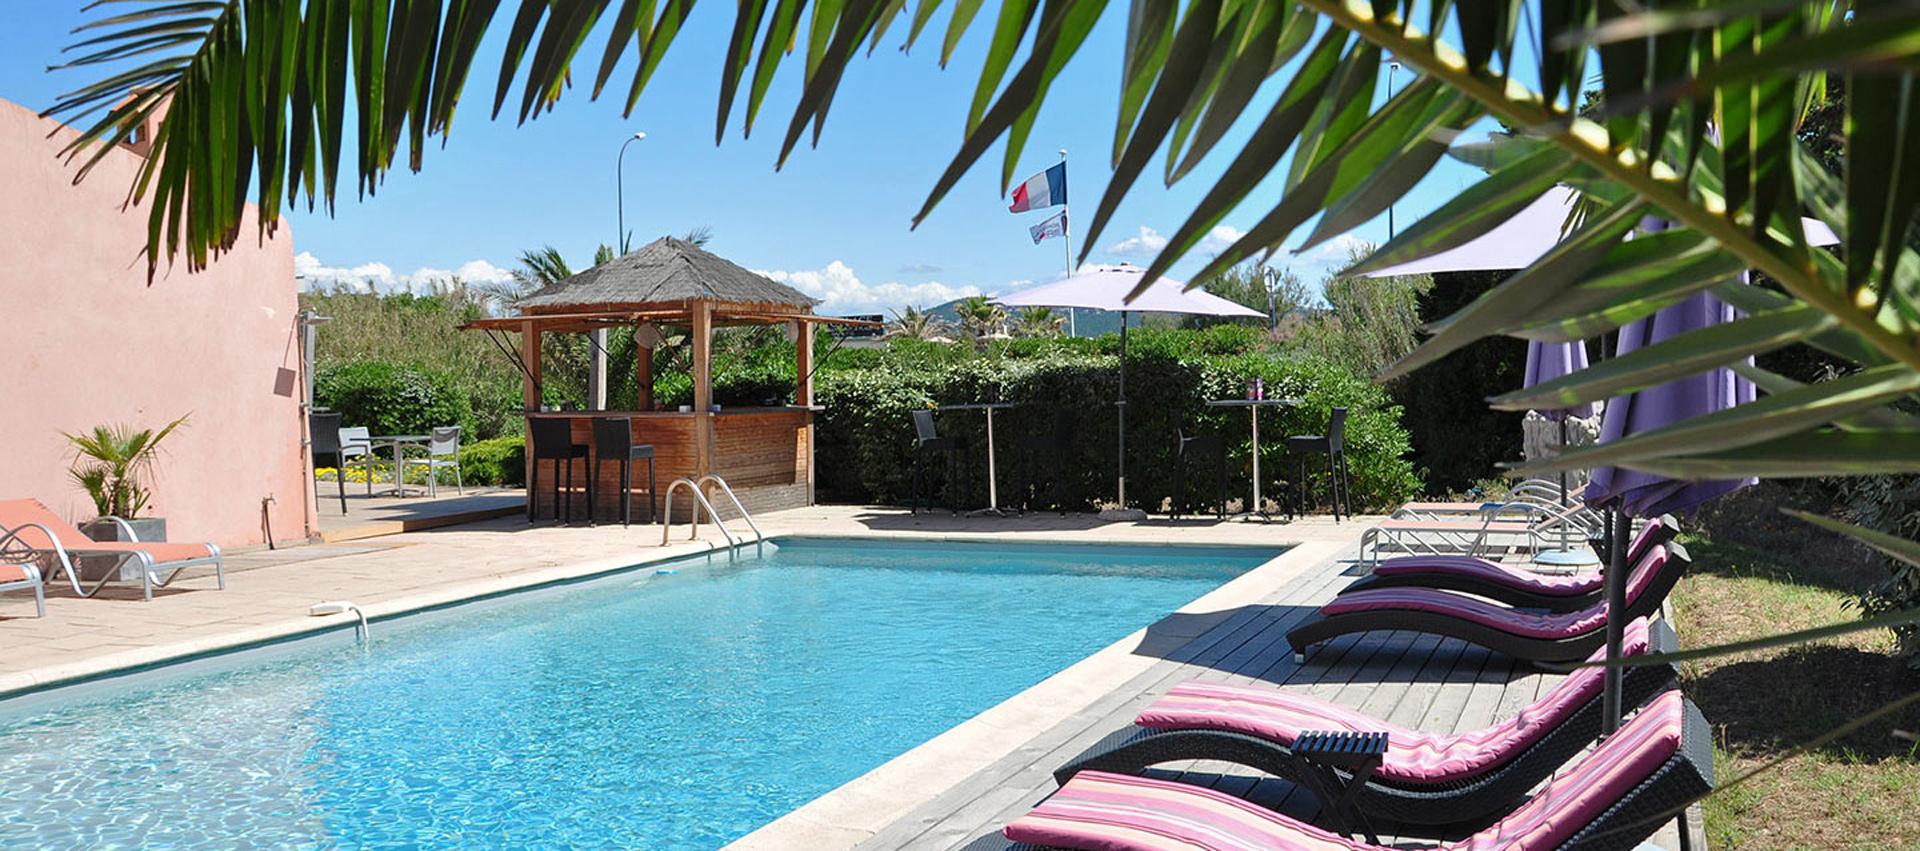 H tel la vierge noire for Hotel avec piscine foret noire